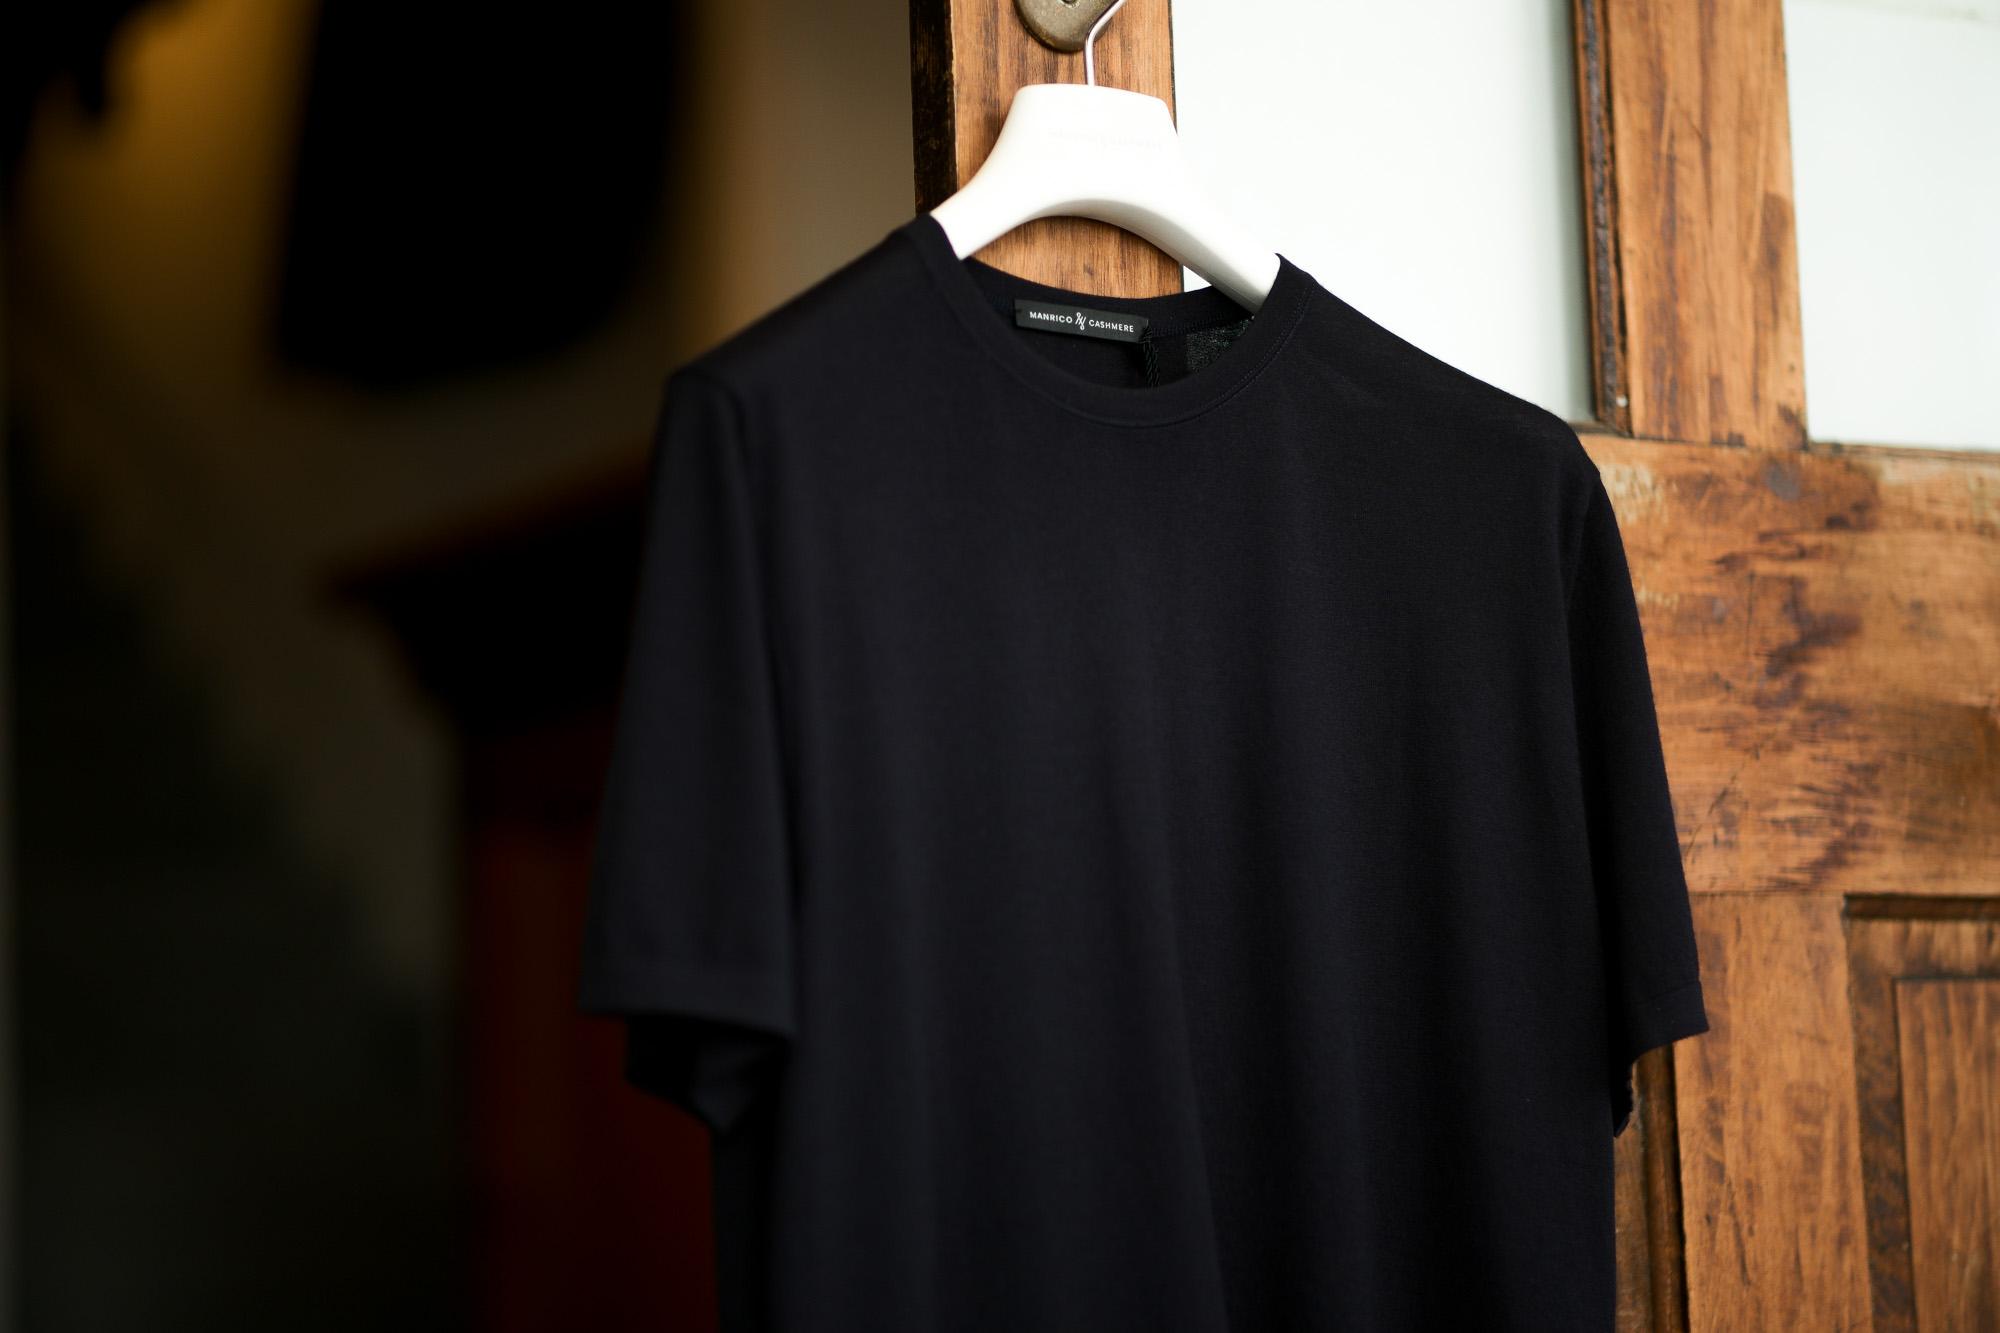 MANRICO CASHMERE (マンリコ カシミア) Summer Cashmere Crew Neck T-Shirts (サマー カシミア クルーネック Tシャツ) サマー カシミヤ Tシャツ BLACK (ブラック) made in italy (イタリア製) 2021 春夏 【ご予約開始】 愛知 名古屋 Alto e Diritto アルトエデリット